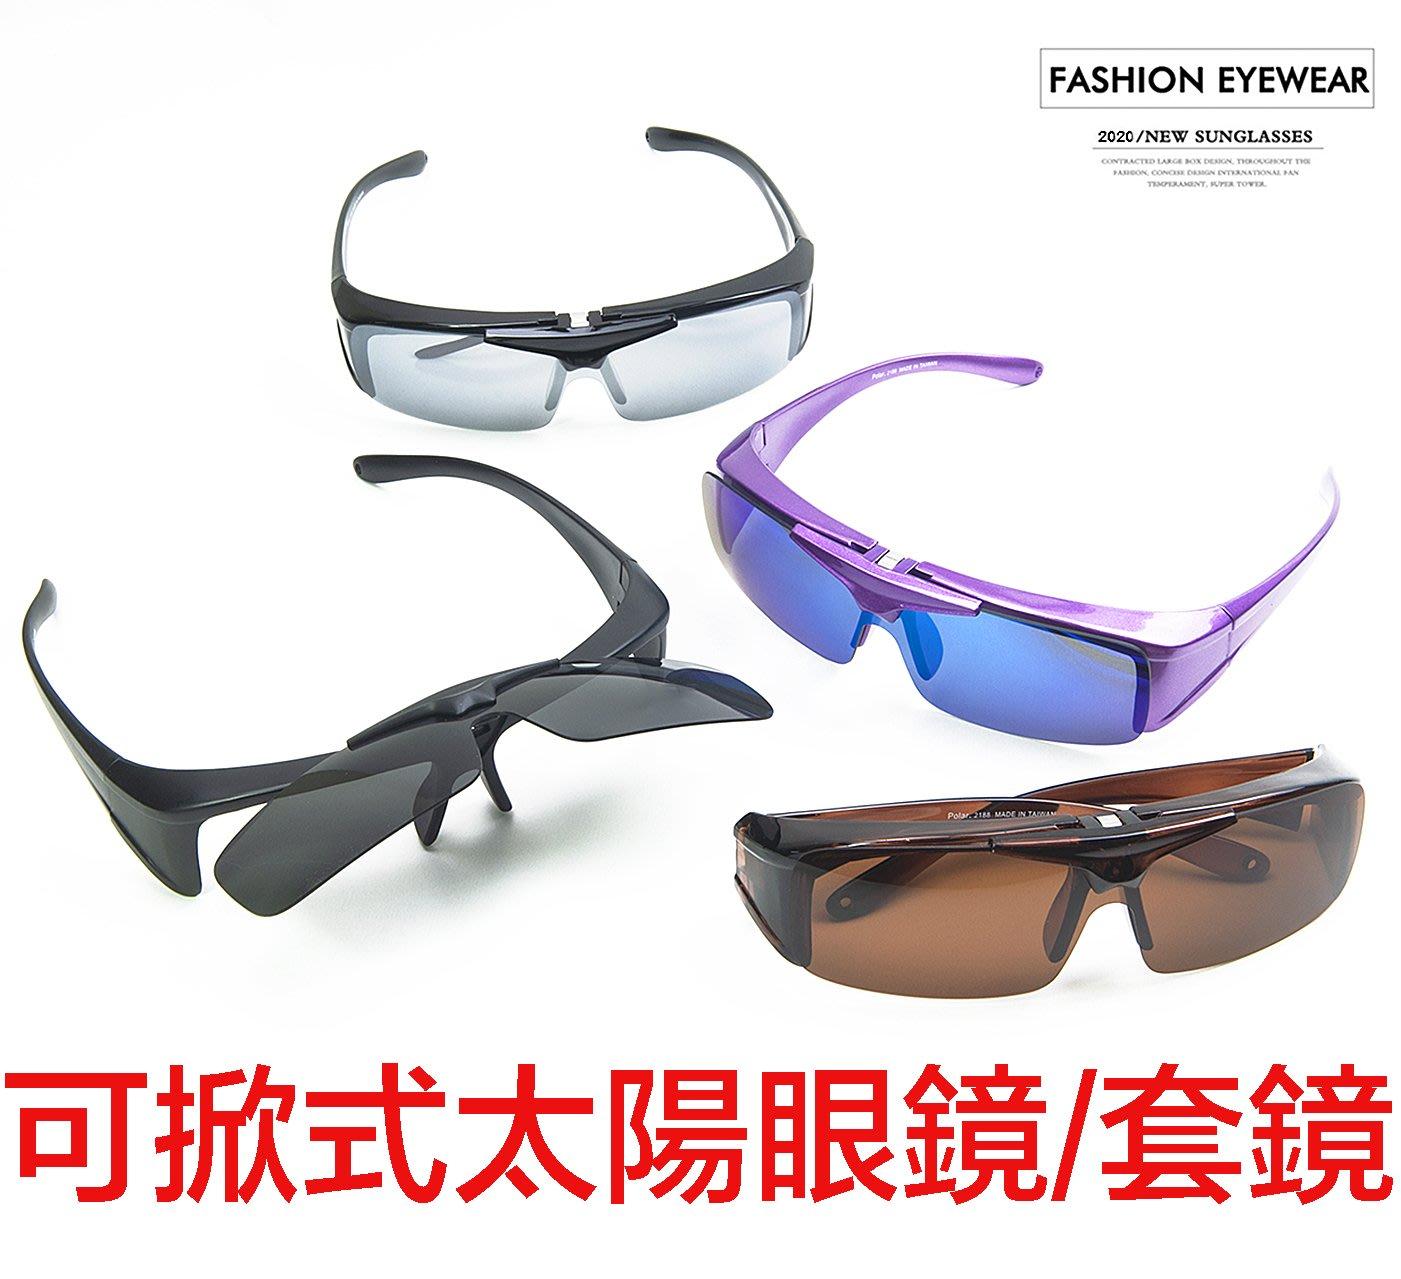 【工業安全網】台灣製造可掀式偏光太陽眼鏡可當套鏡使用近視眼鏡老花眼鏡族可戴電鍍片茶色駕駛片抗強光灰片UV400墨鏡